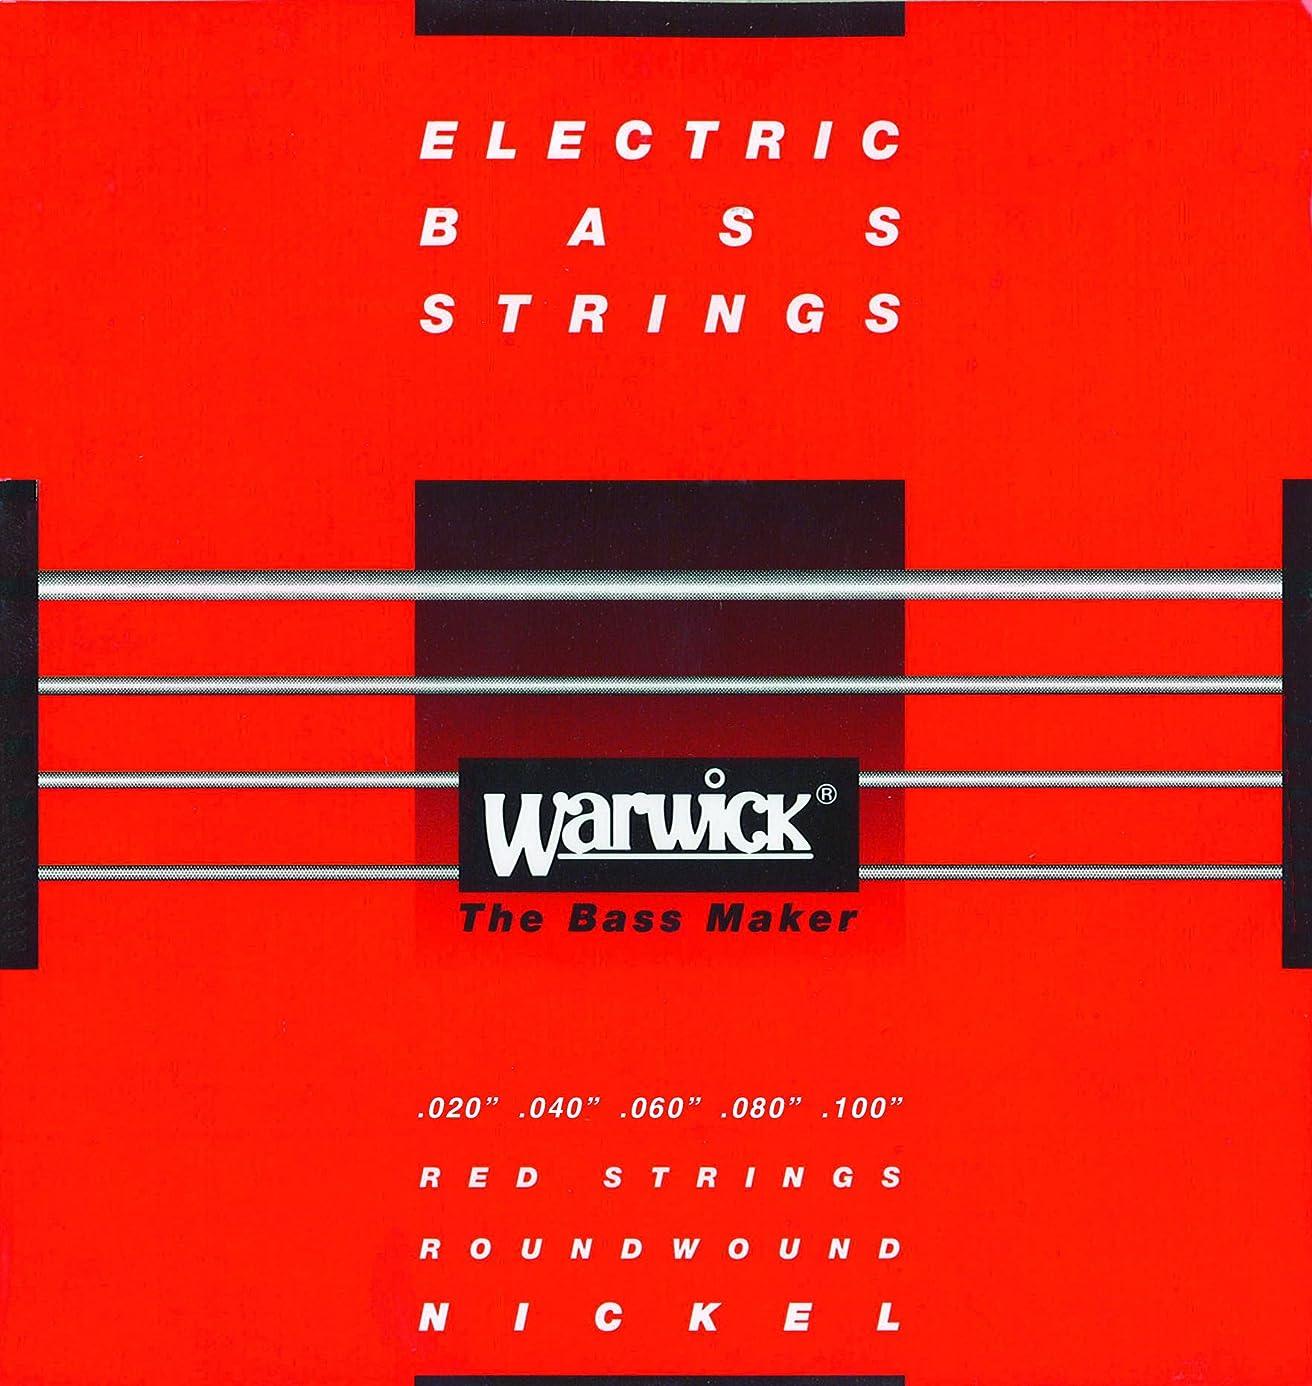 不幸打たれたトラック鉱夫WARWICK ワーウィック エレキベース弦 5弦セット ニッケルメッキ 46310 Medium Light High C 020/100